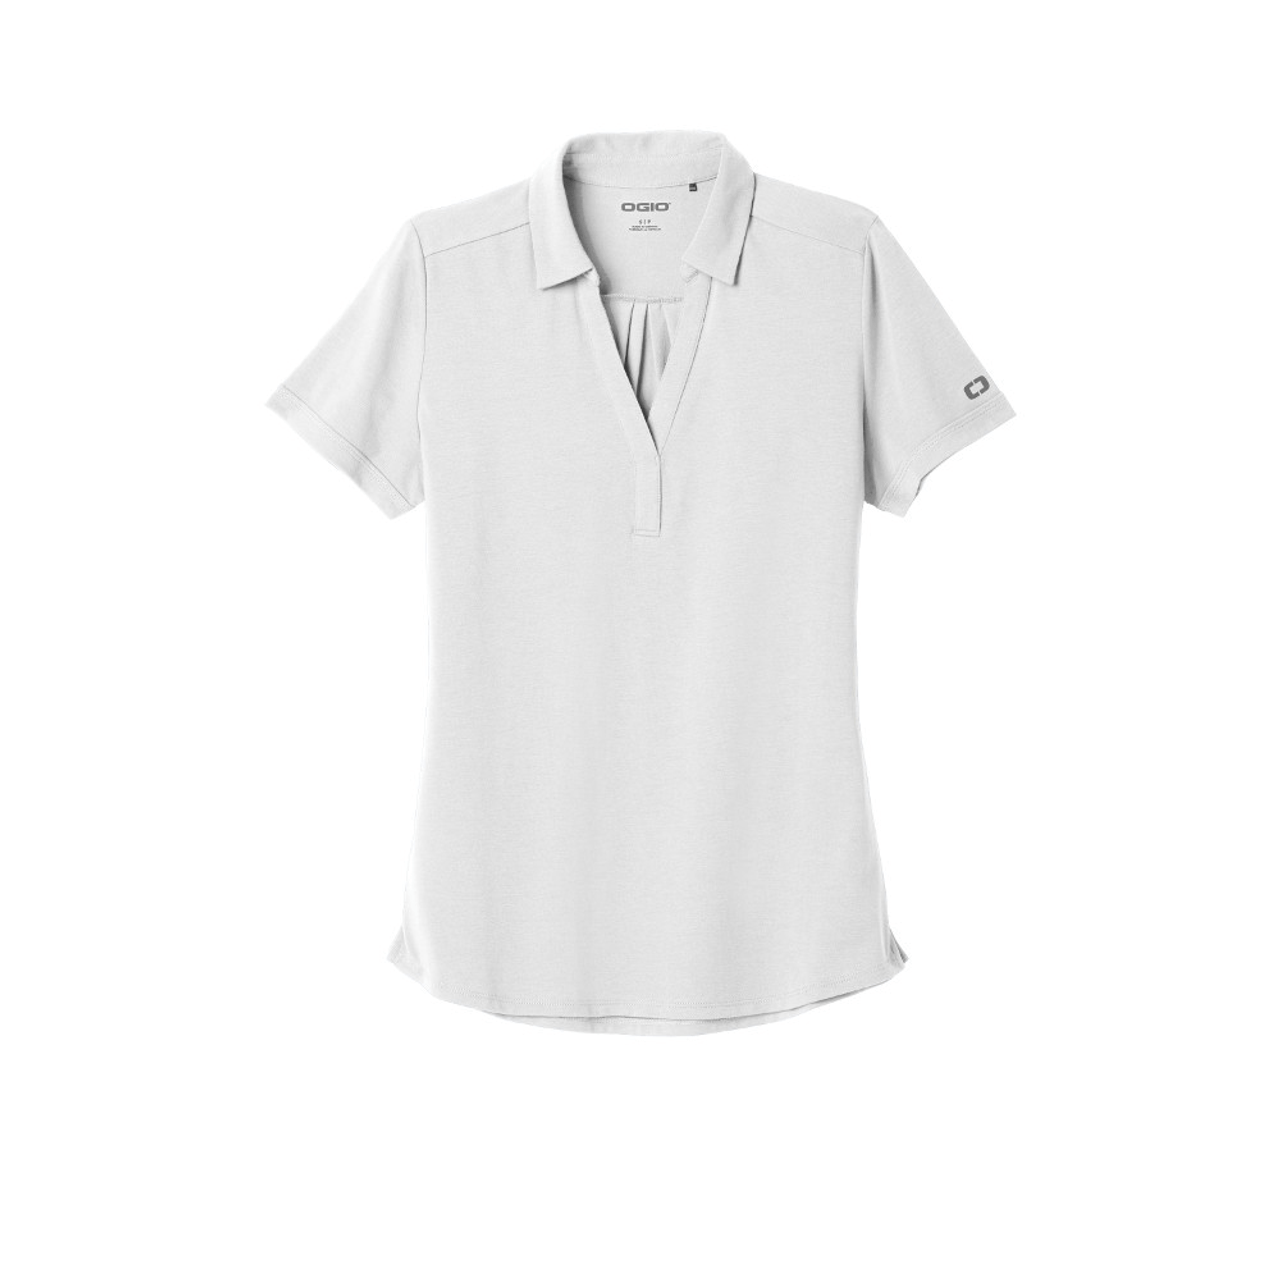 OGIO® Ladies Limit Polo